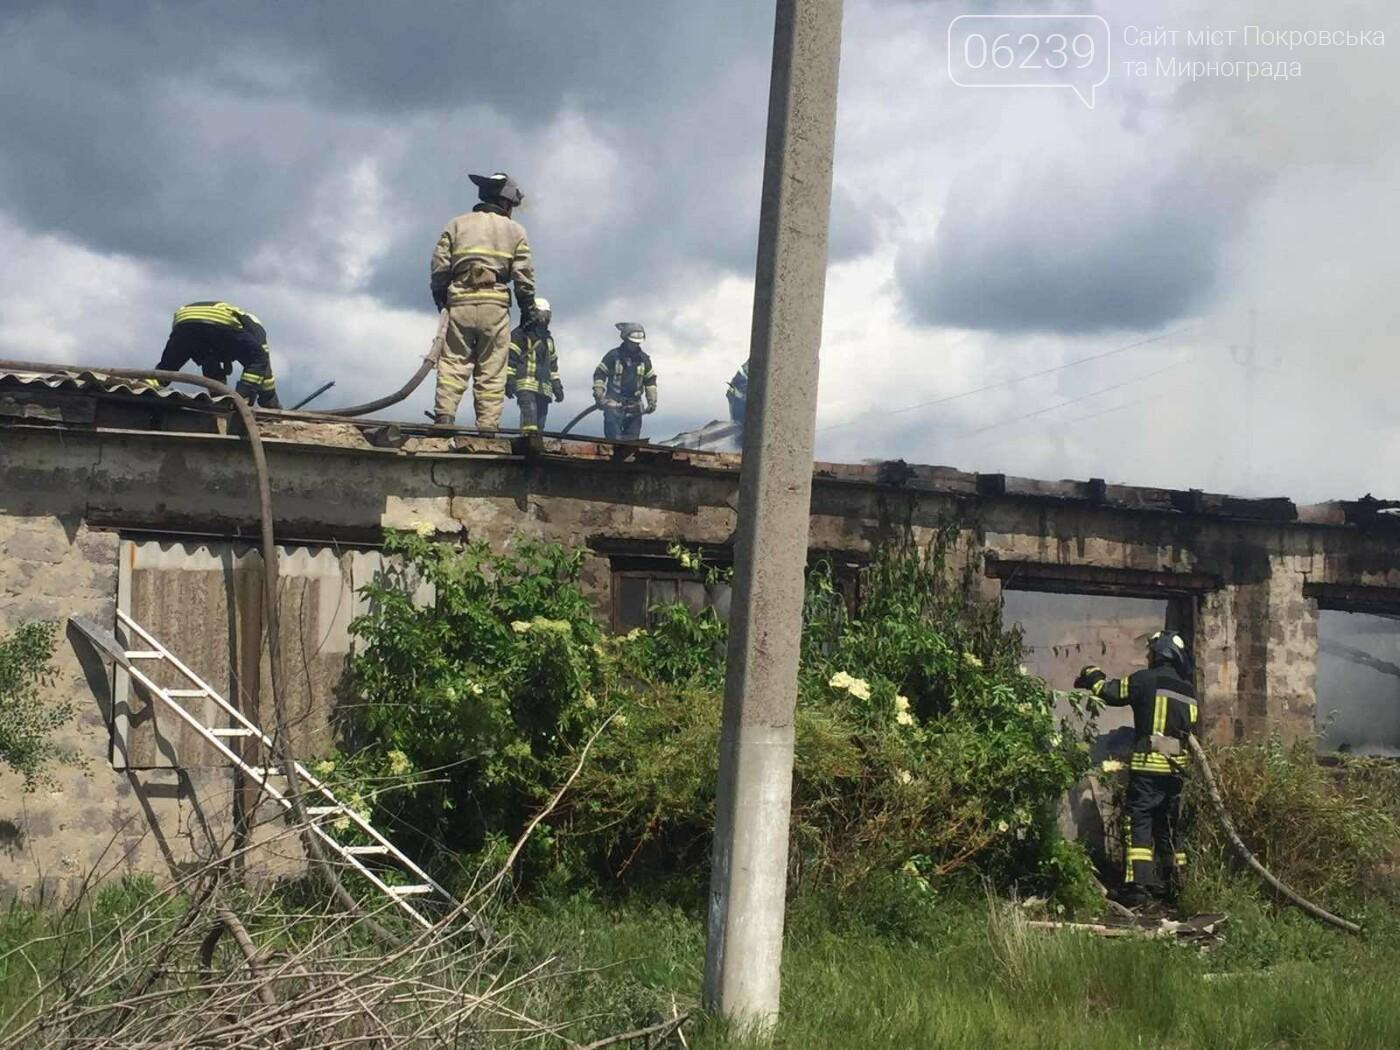 На выходных в Покровском районе горело заброшенное здание, фото-1